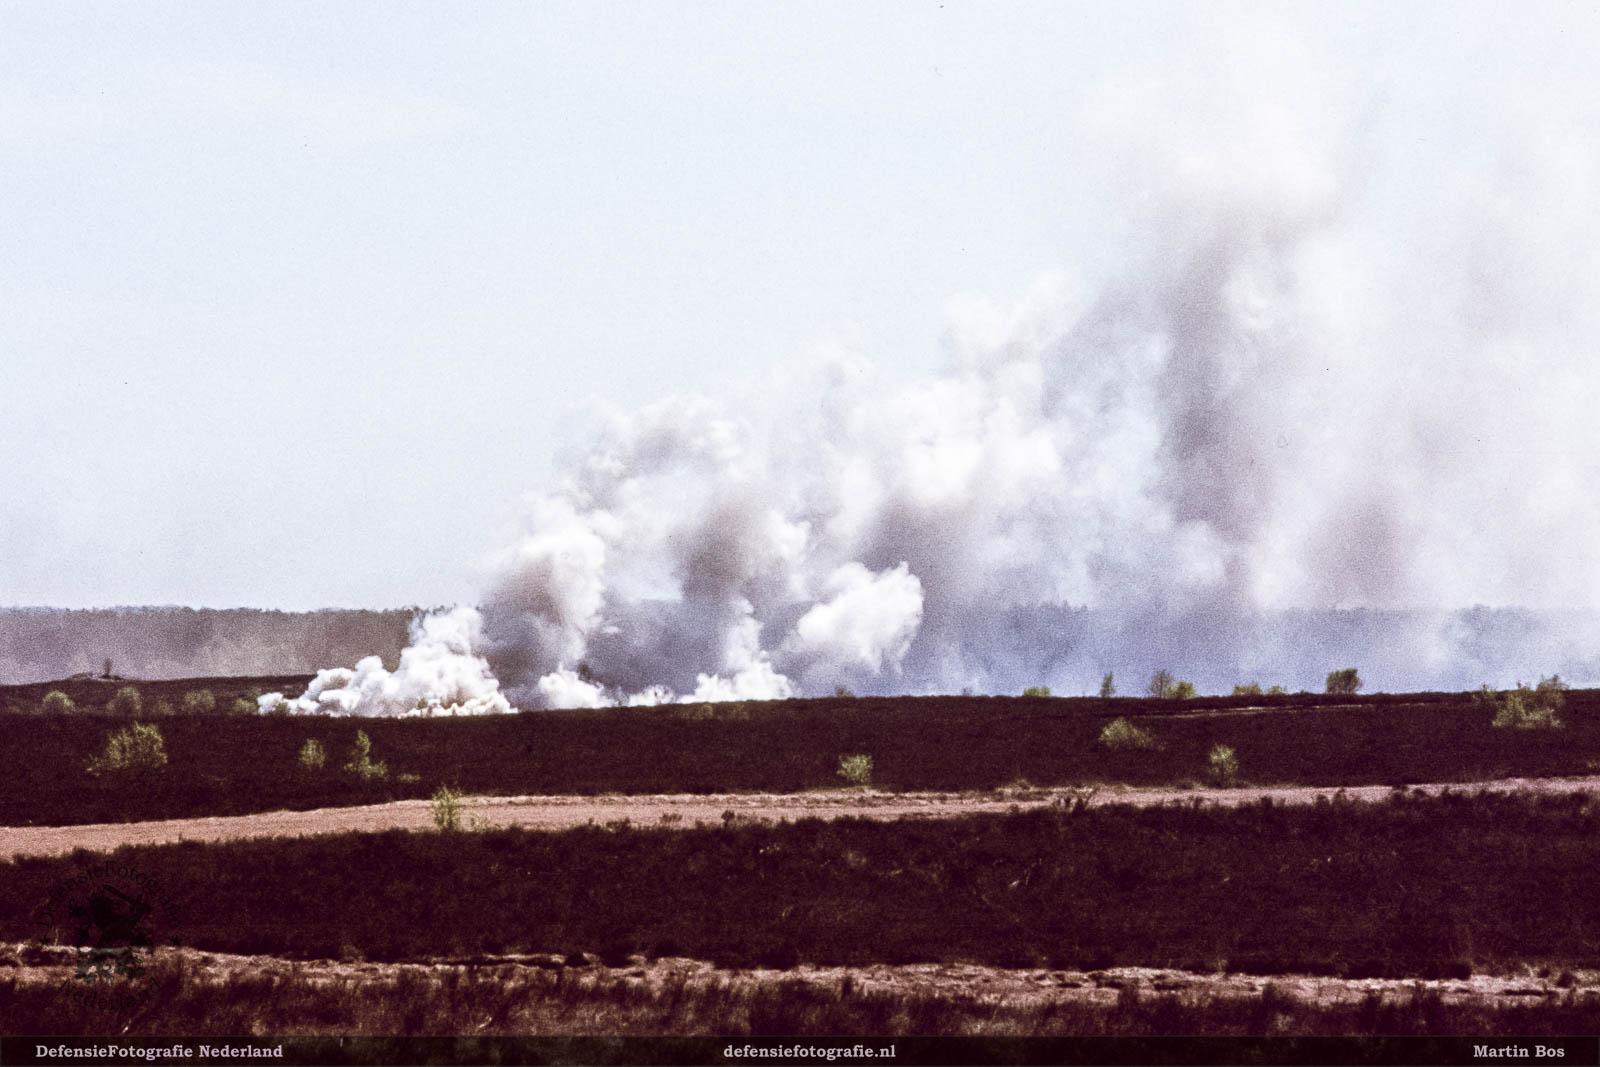 Na de oefening stond de hei in brand